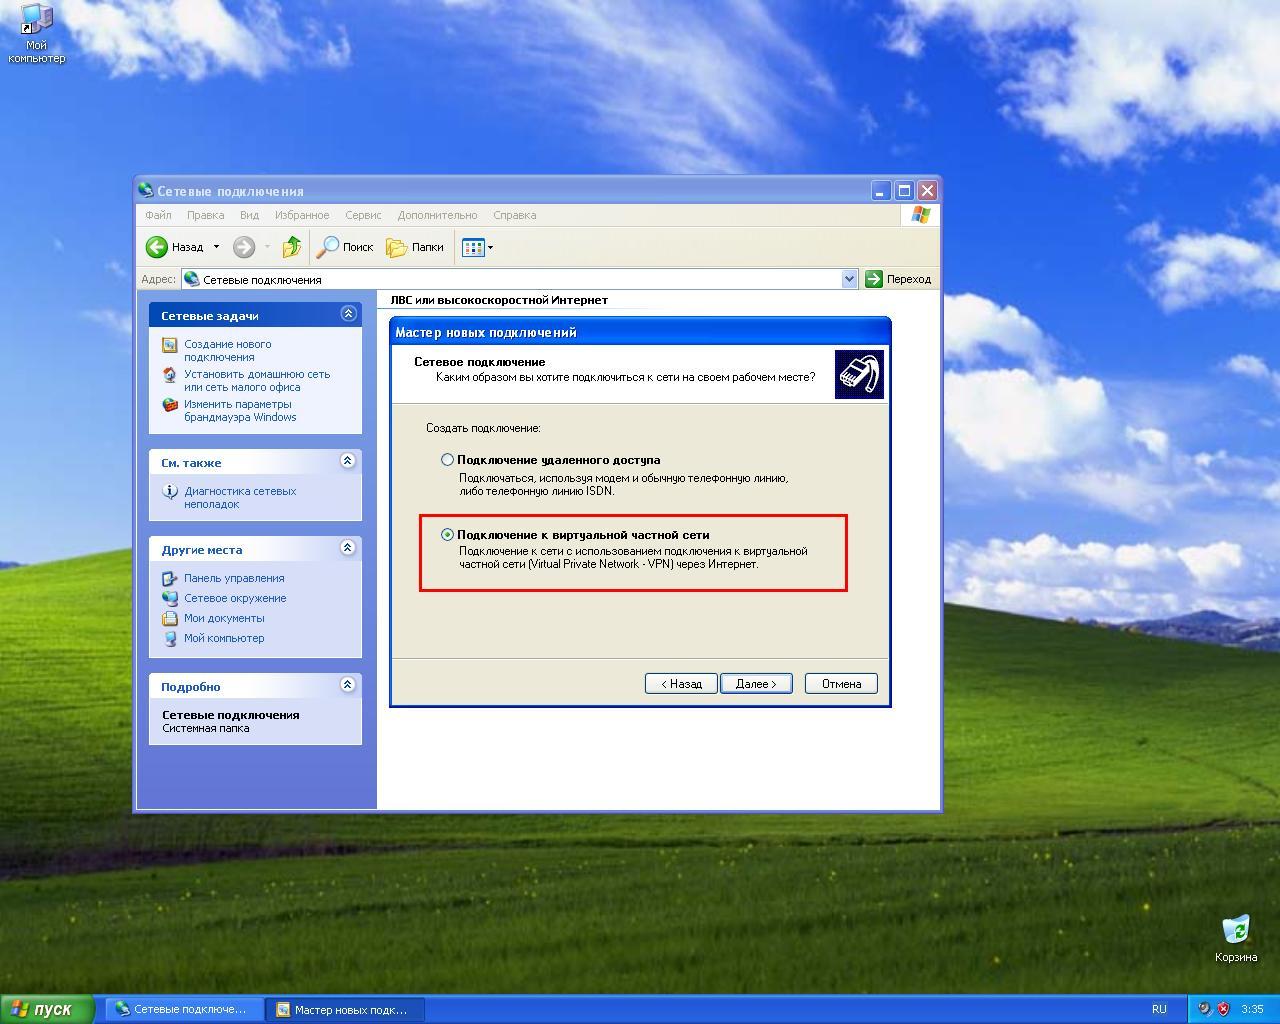 Как в windows 8 сделать домашнюю сеть